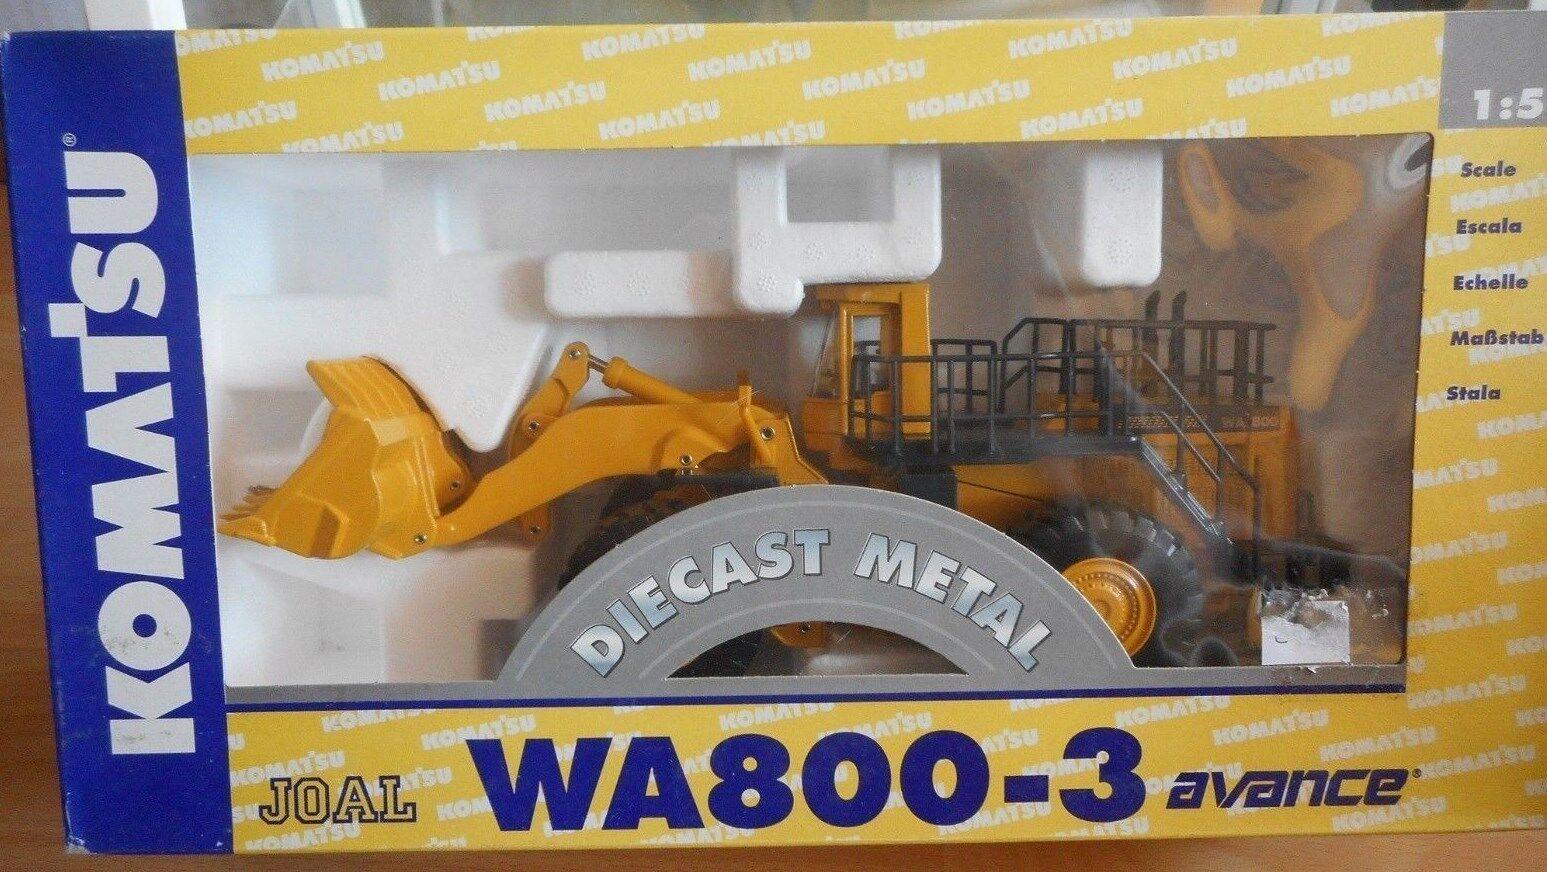 Komatsu WA 800-3 avance Joal jo 205